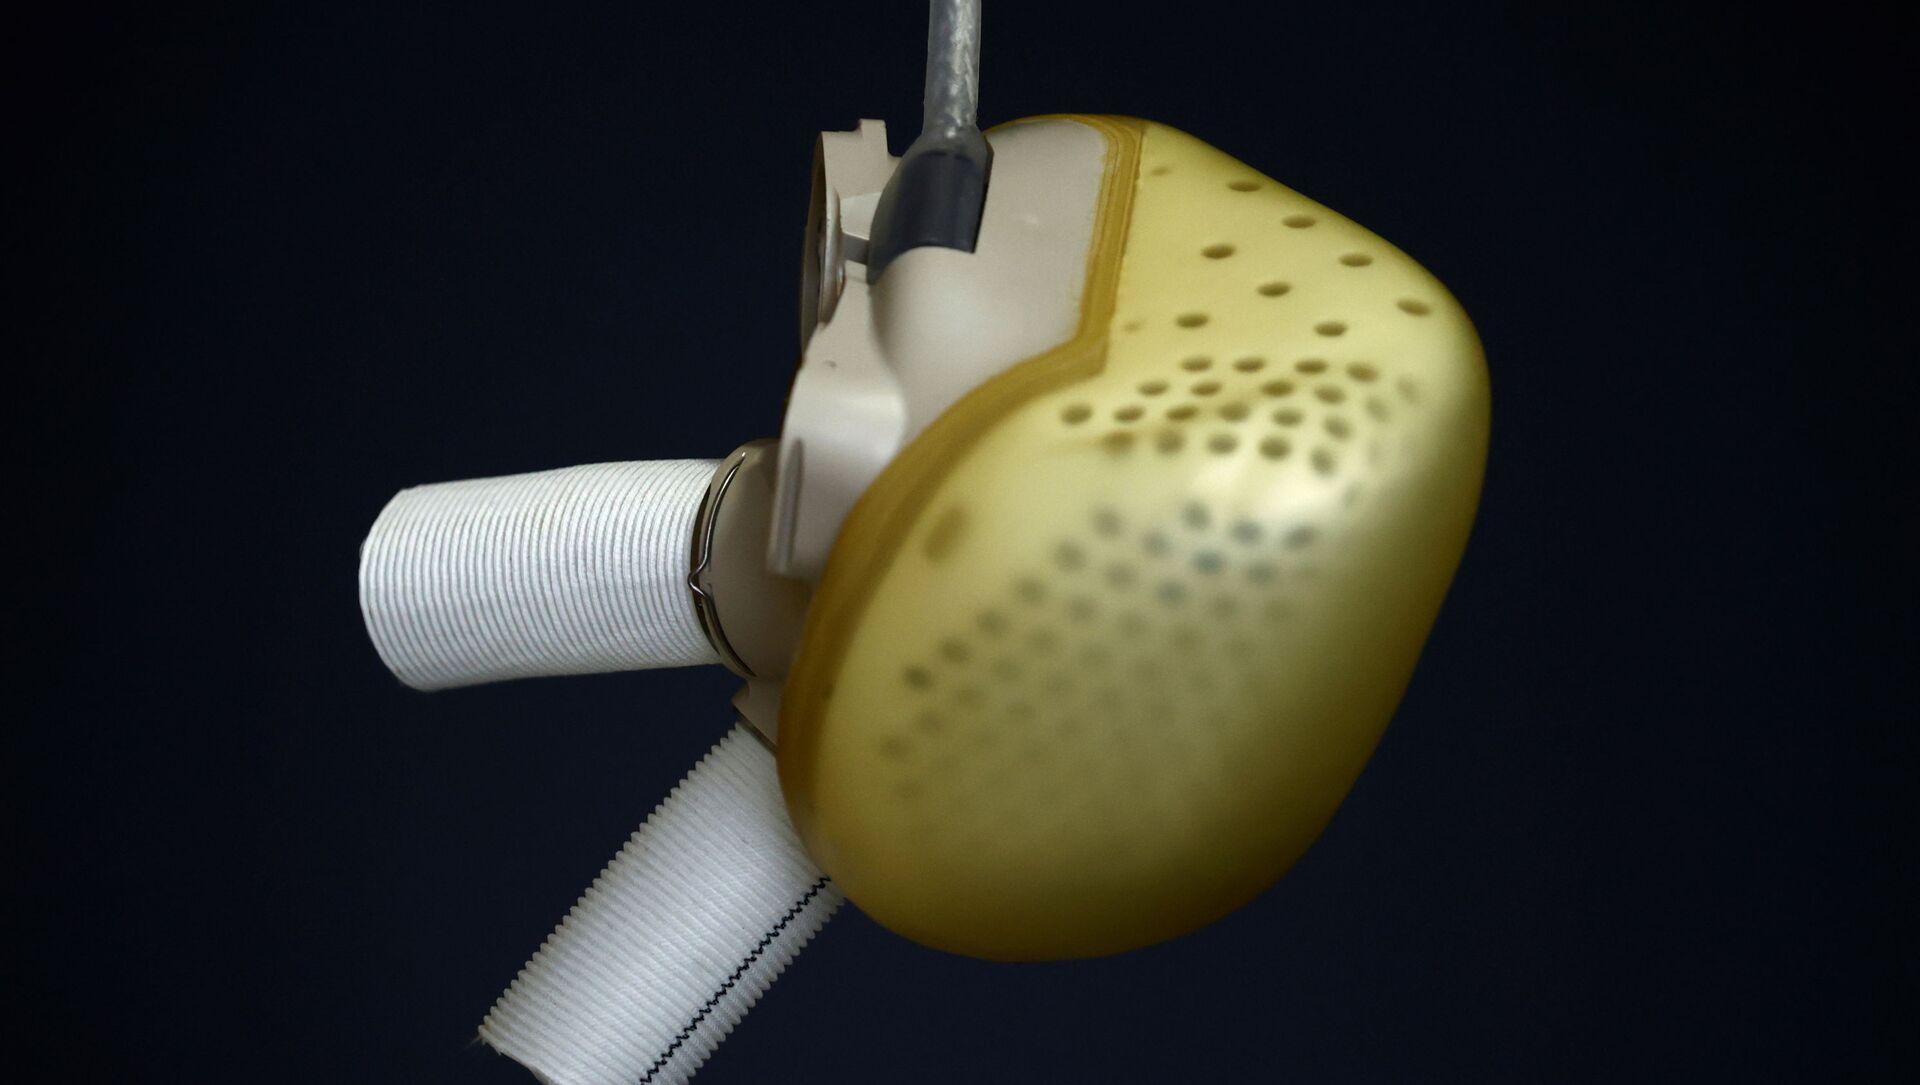 El corazón artificial total (TAH) desarrollado por la compañía francesa Carmat - Sputnik Mundo, 1920, 02.02.2021